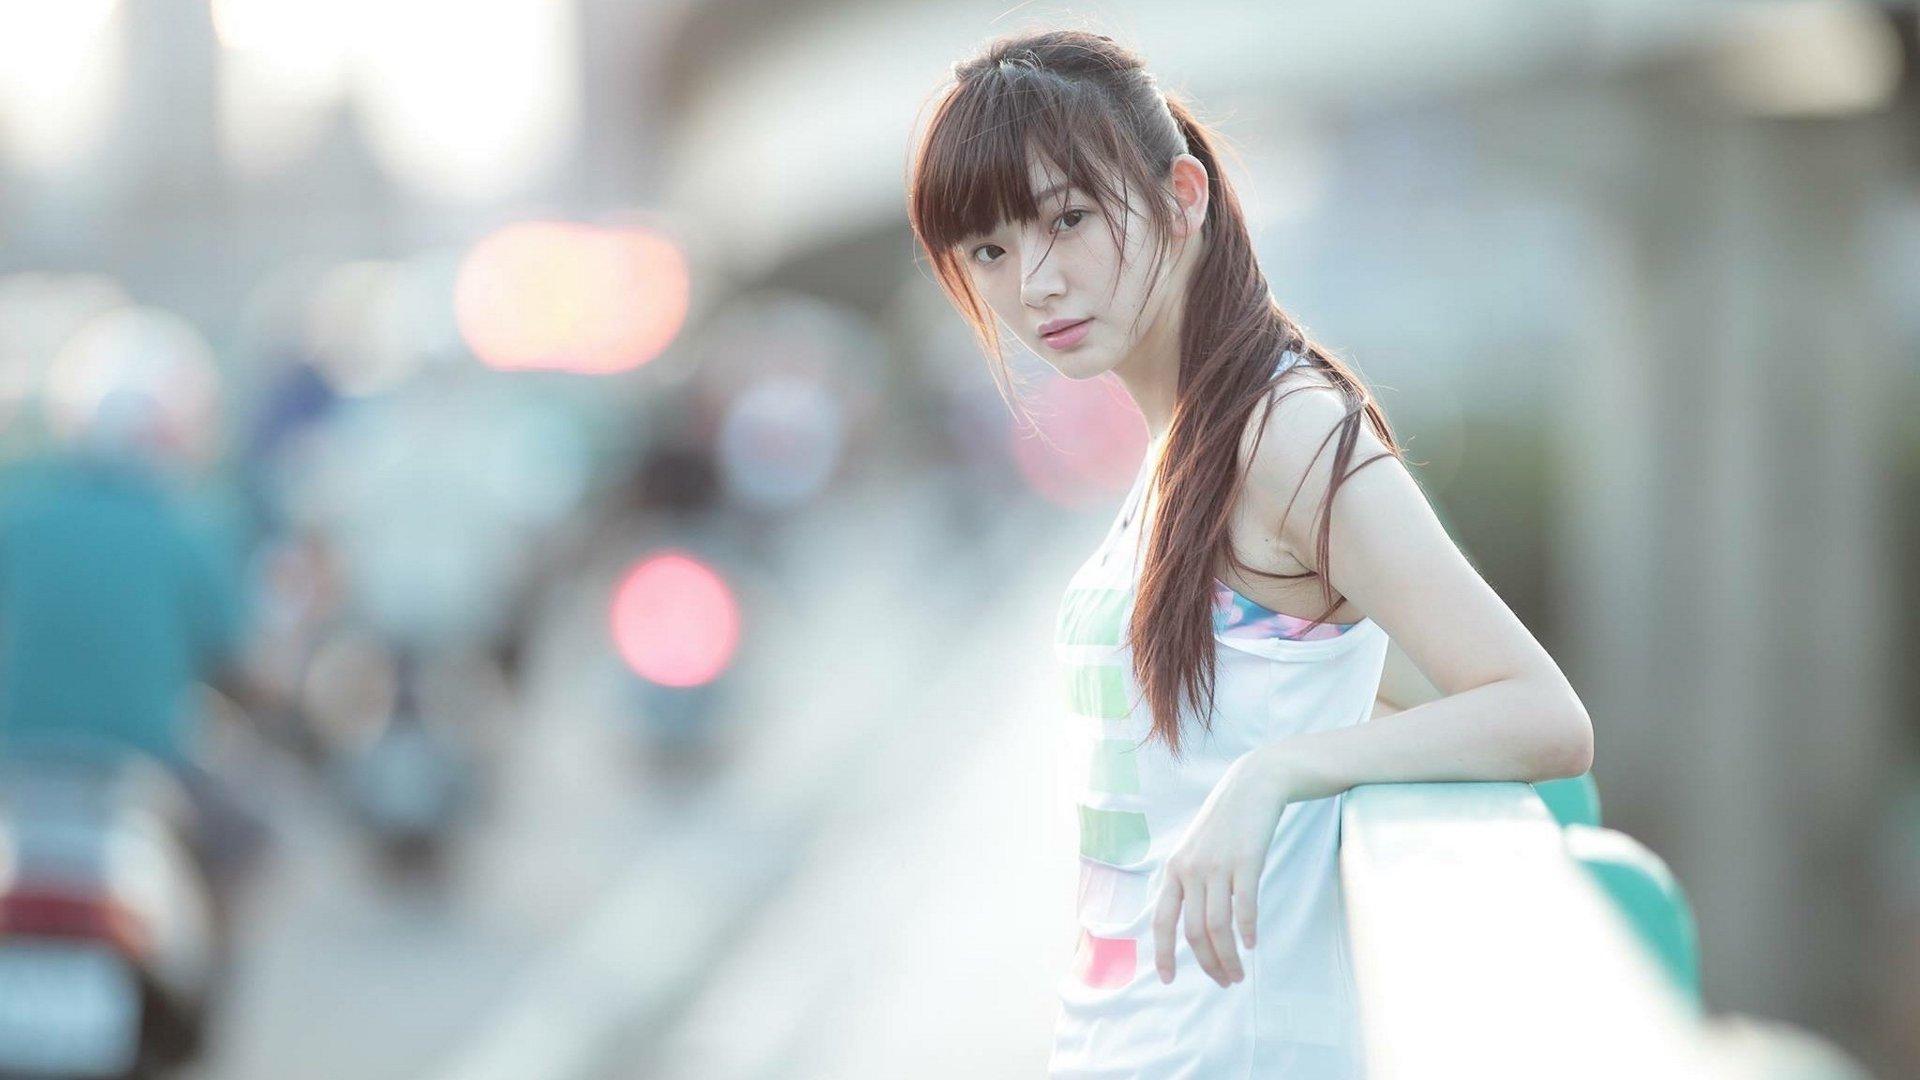 優格♥歡樂台  綜藝人妻來囉!